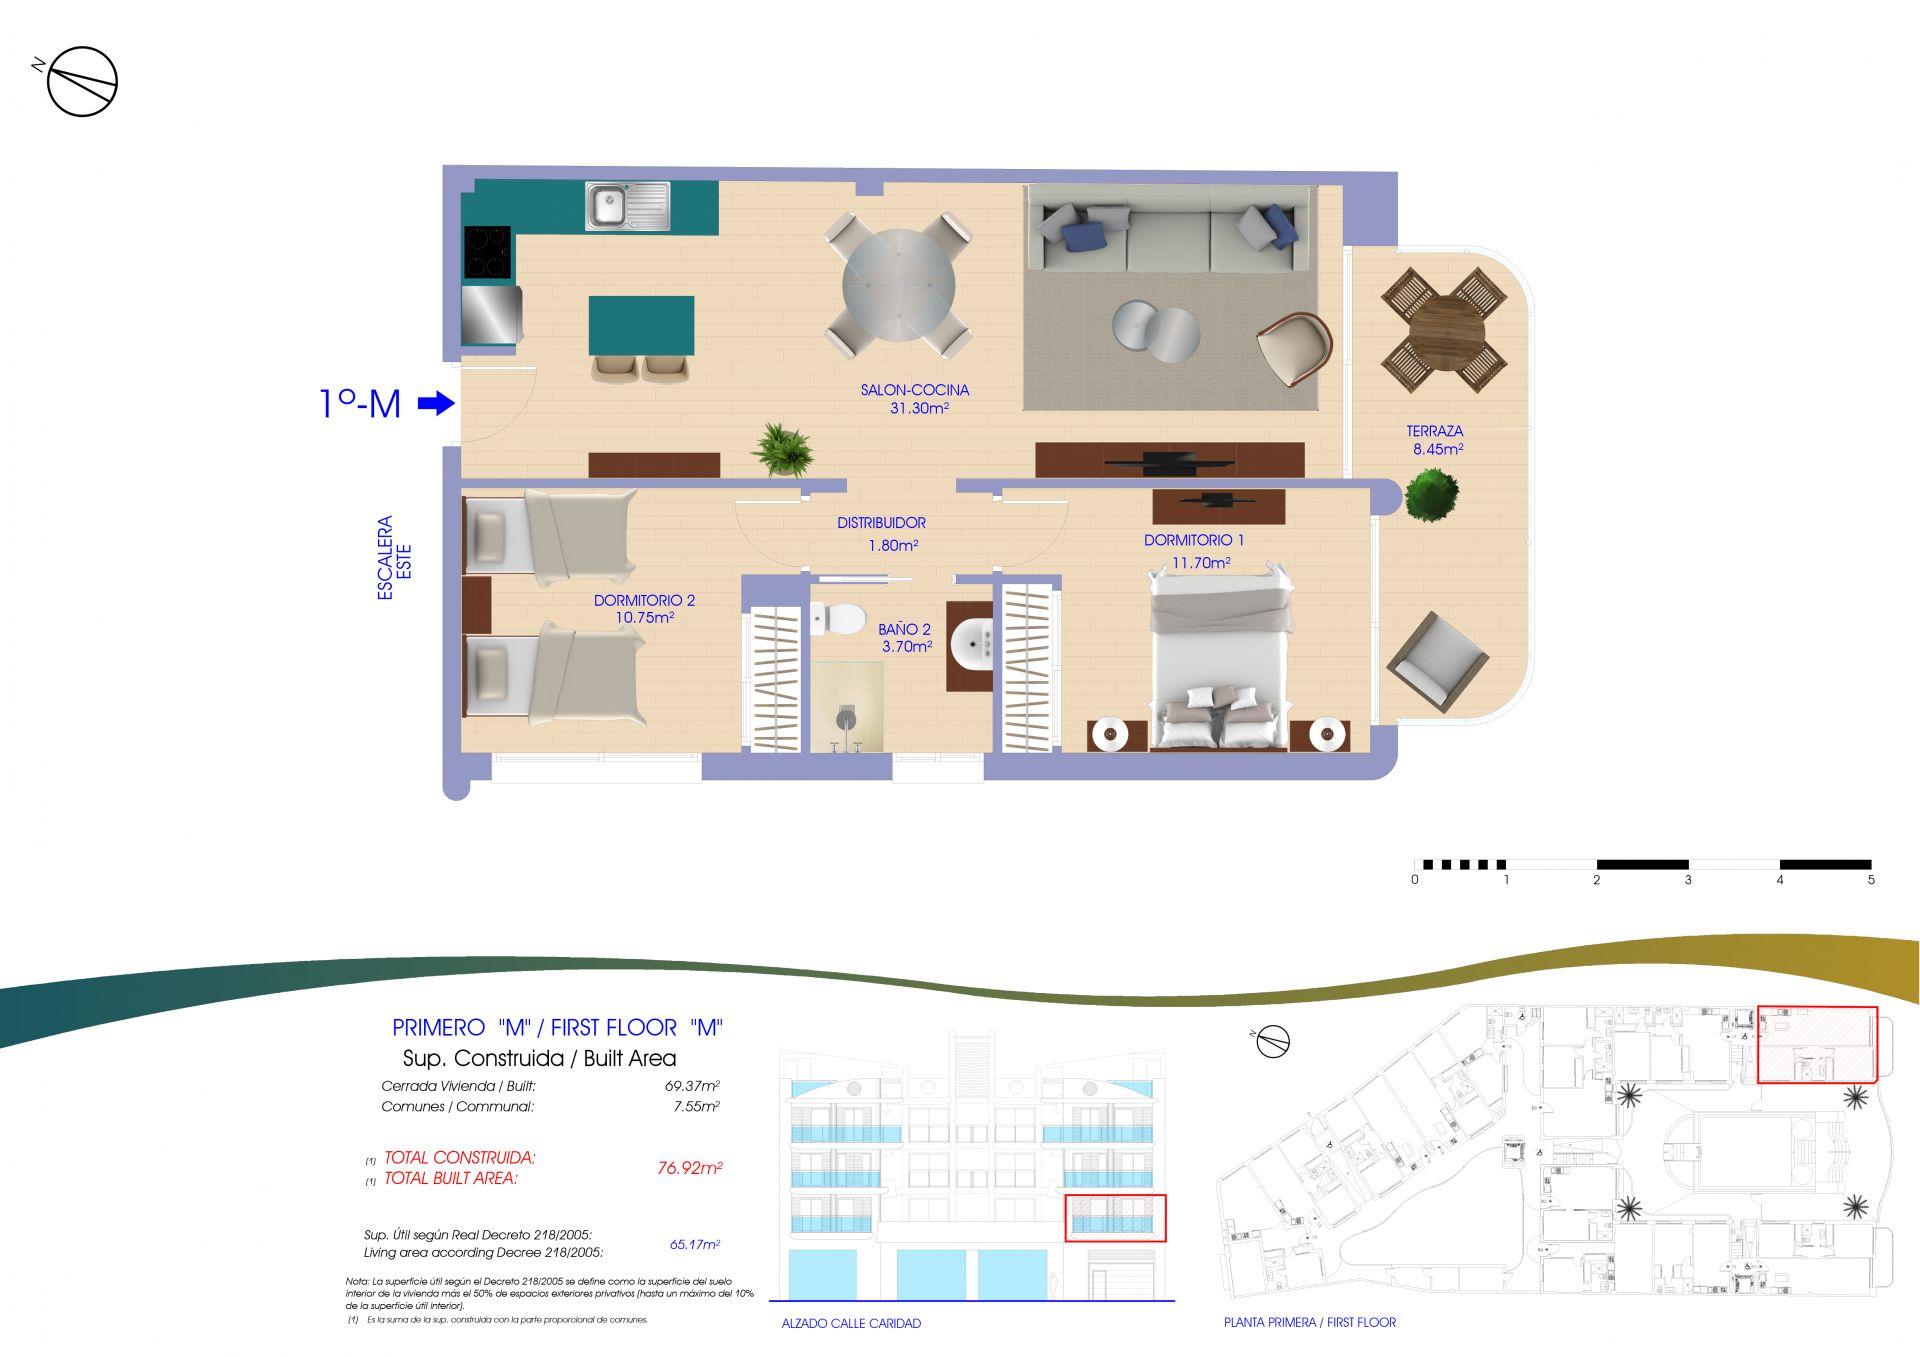 20201221 1º M  - Ventura Estepona | Compra de casa en Estepona